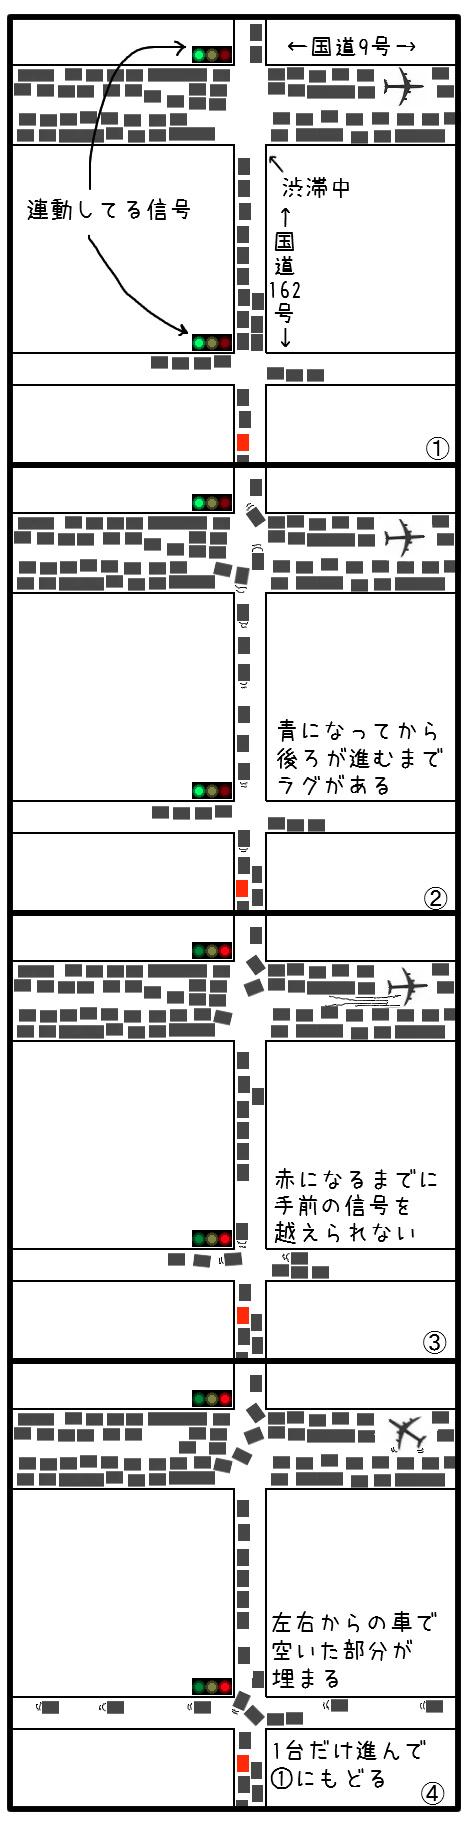 20140318-1.jpg